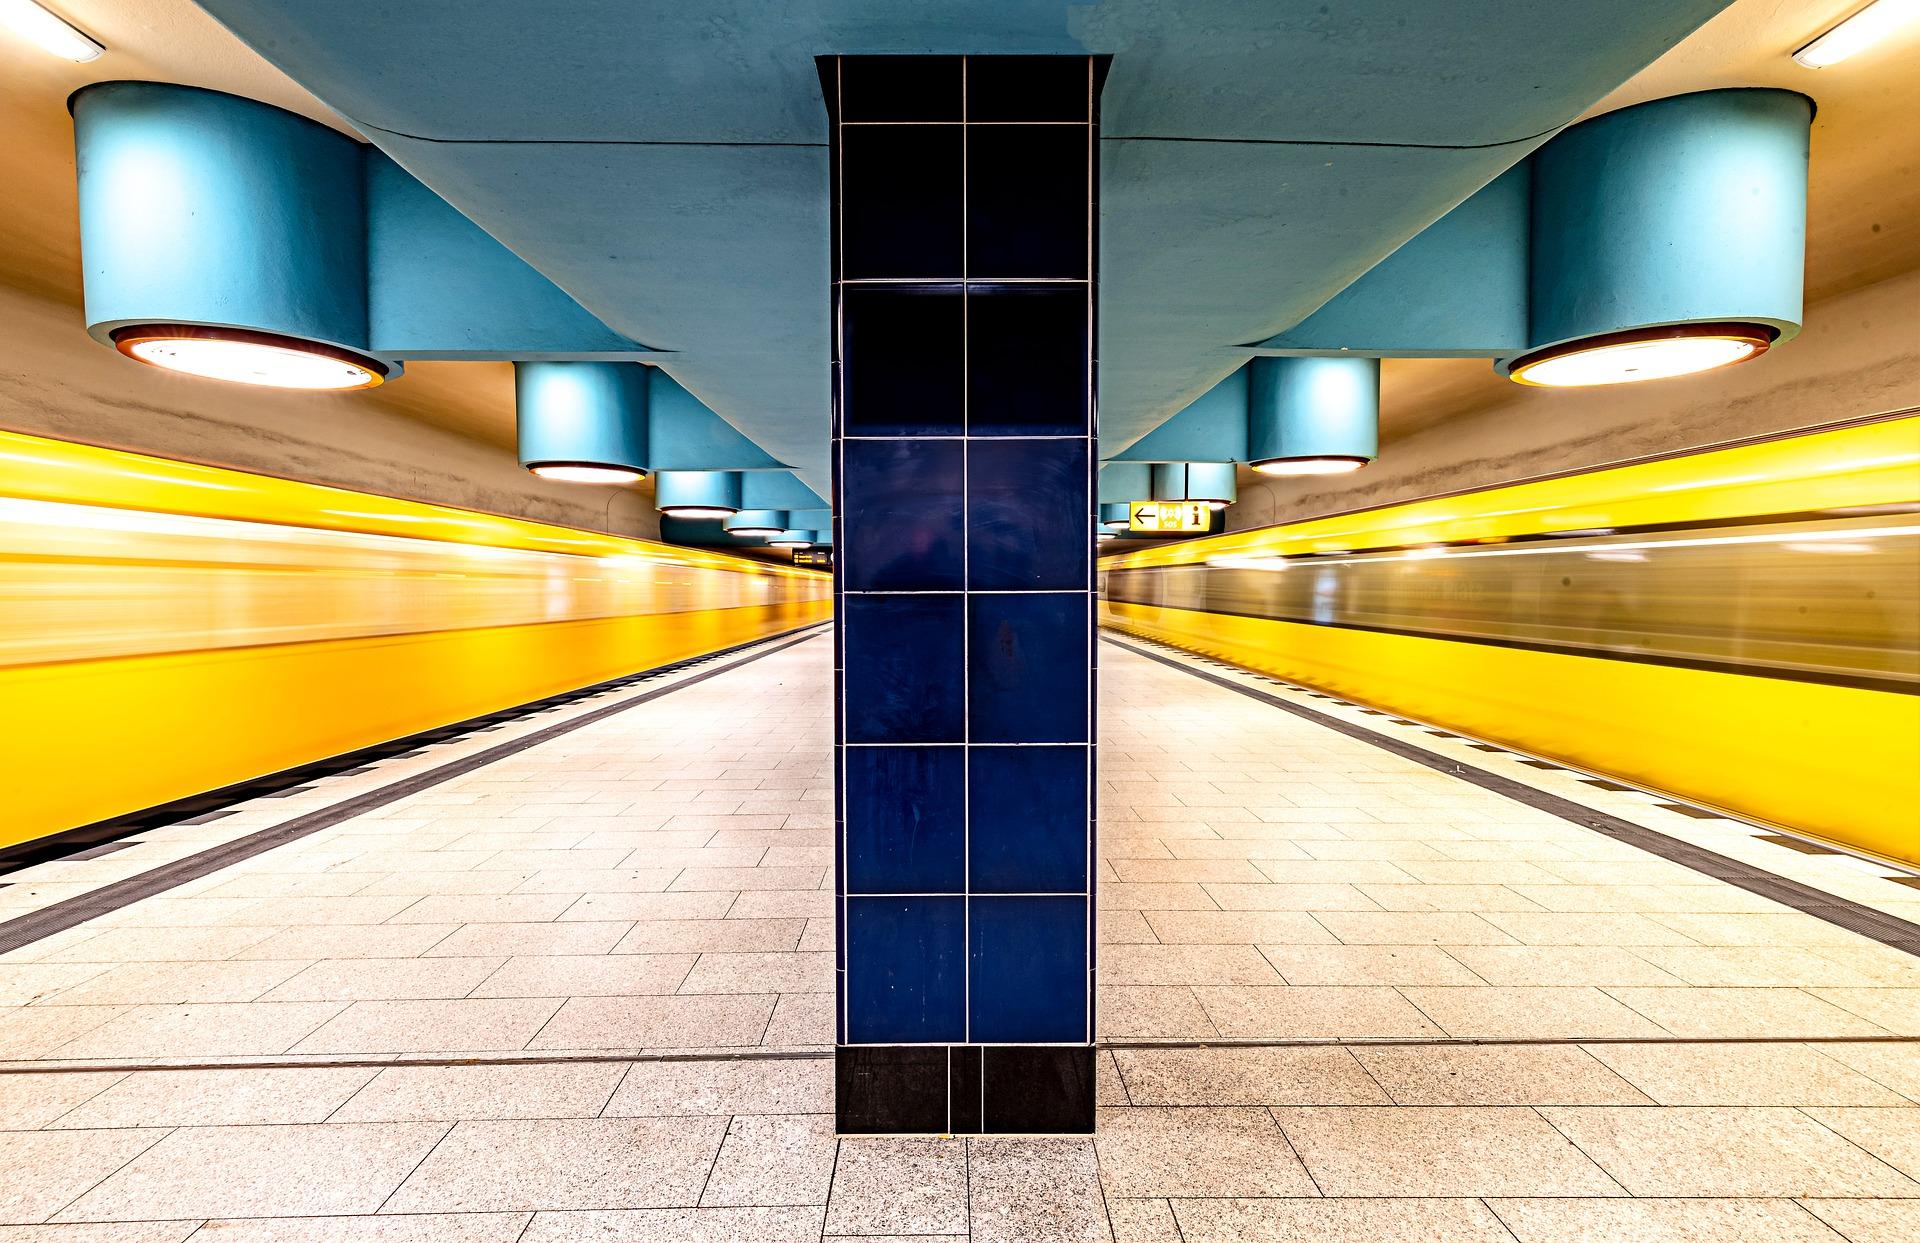 Berlin Underground Subway System